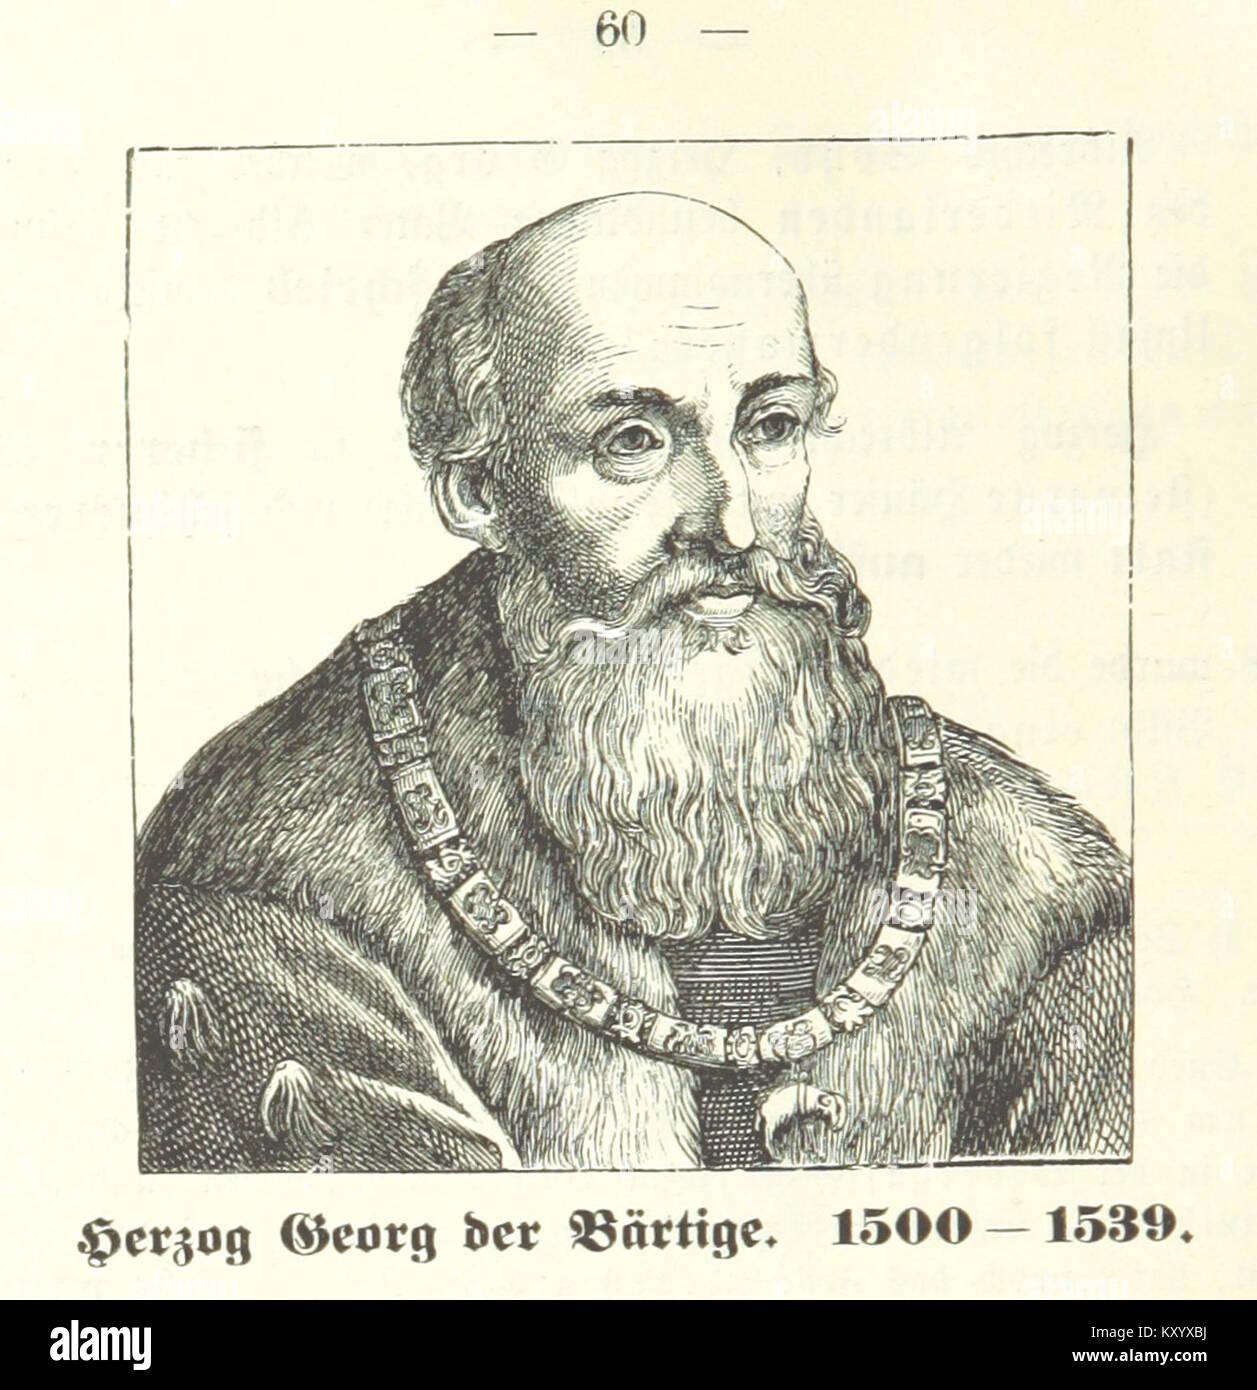 Herzog Georg der Bärtige 1500-1539 - Stock Image